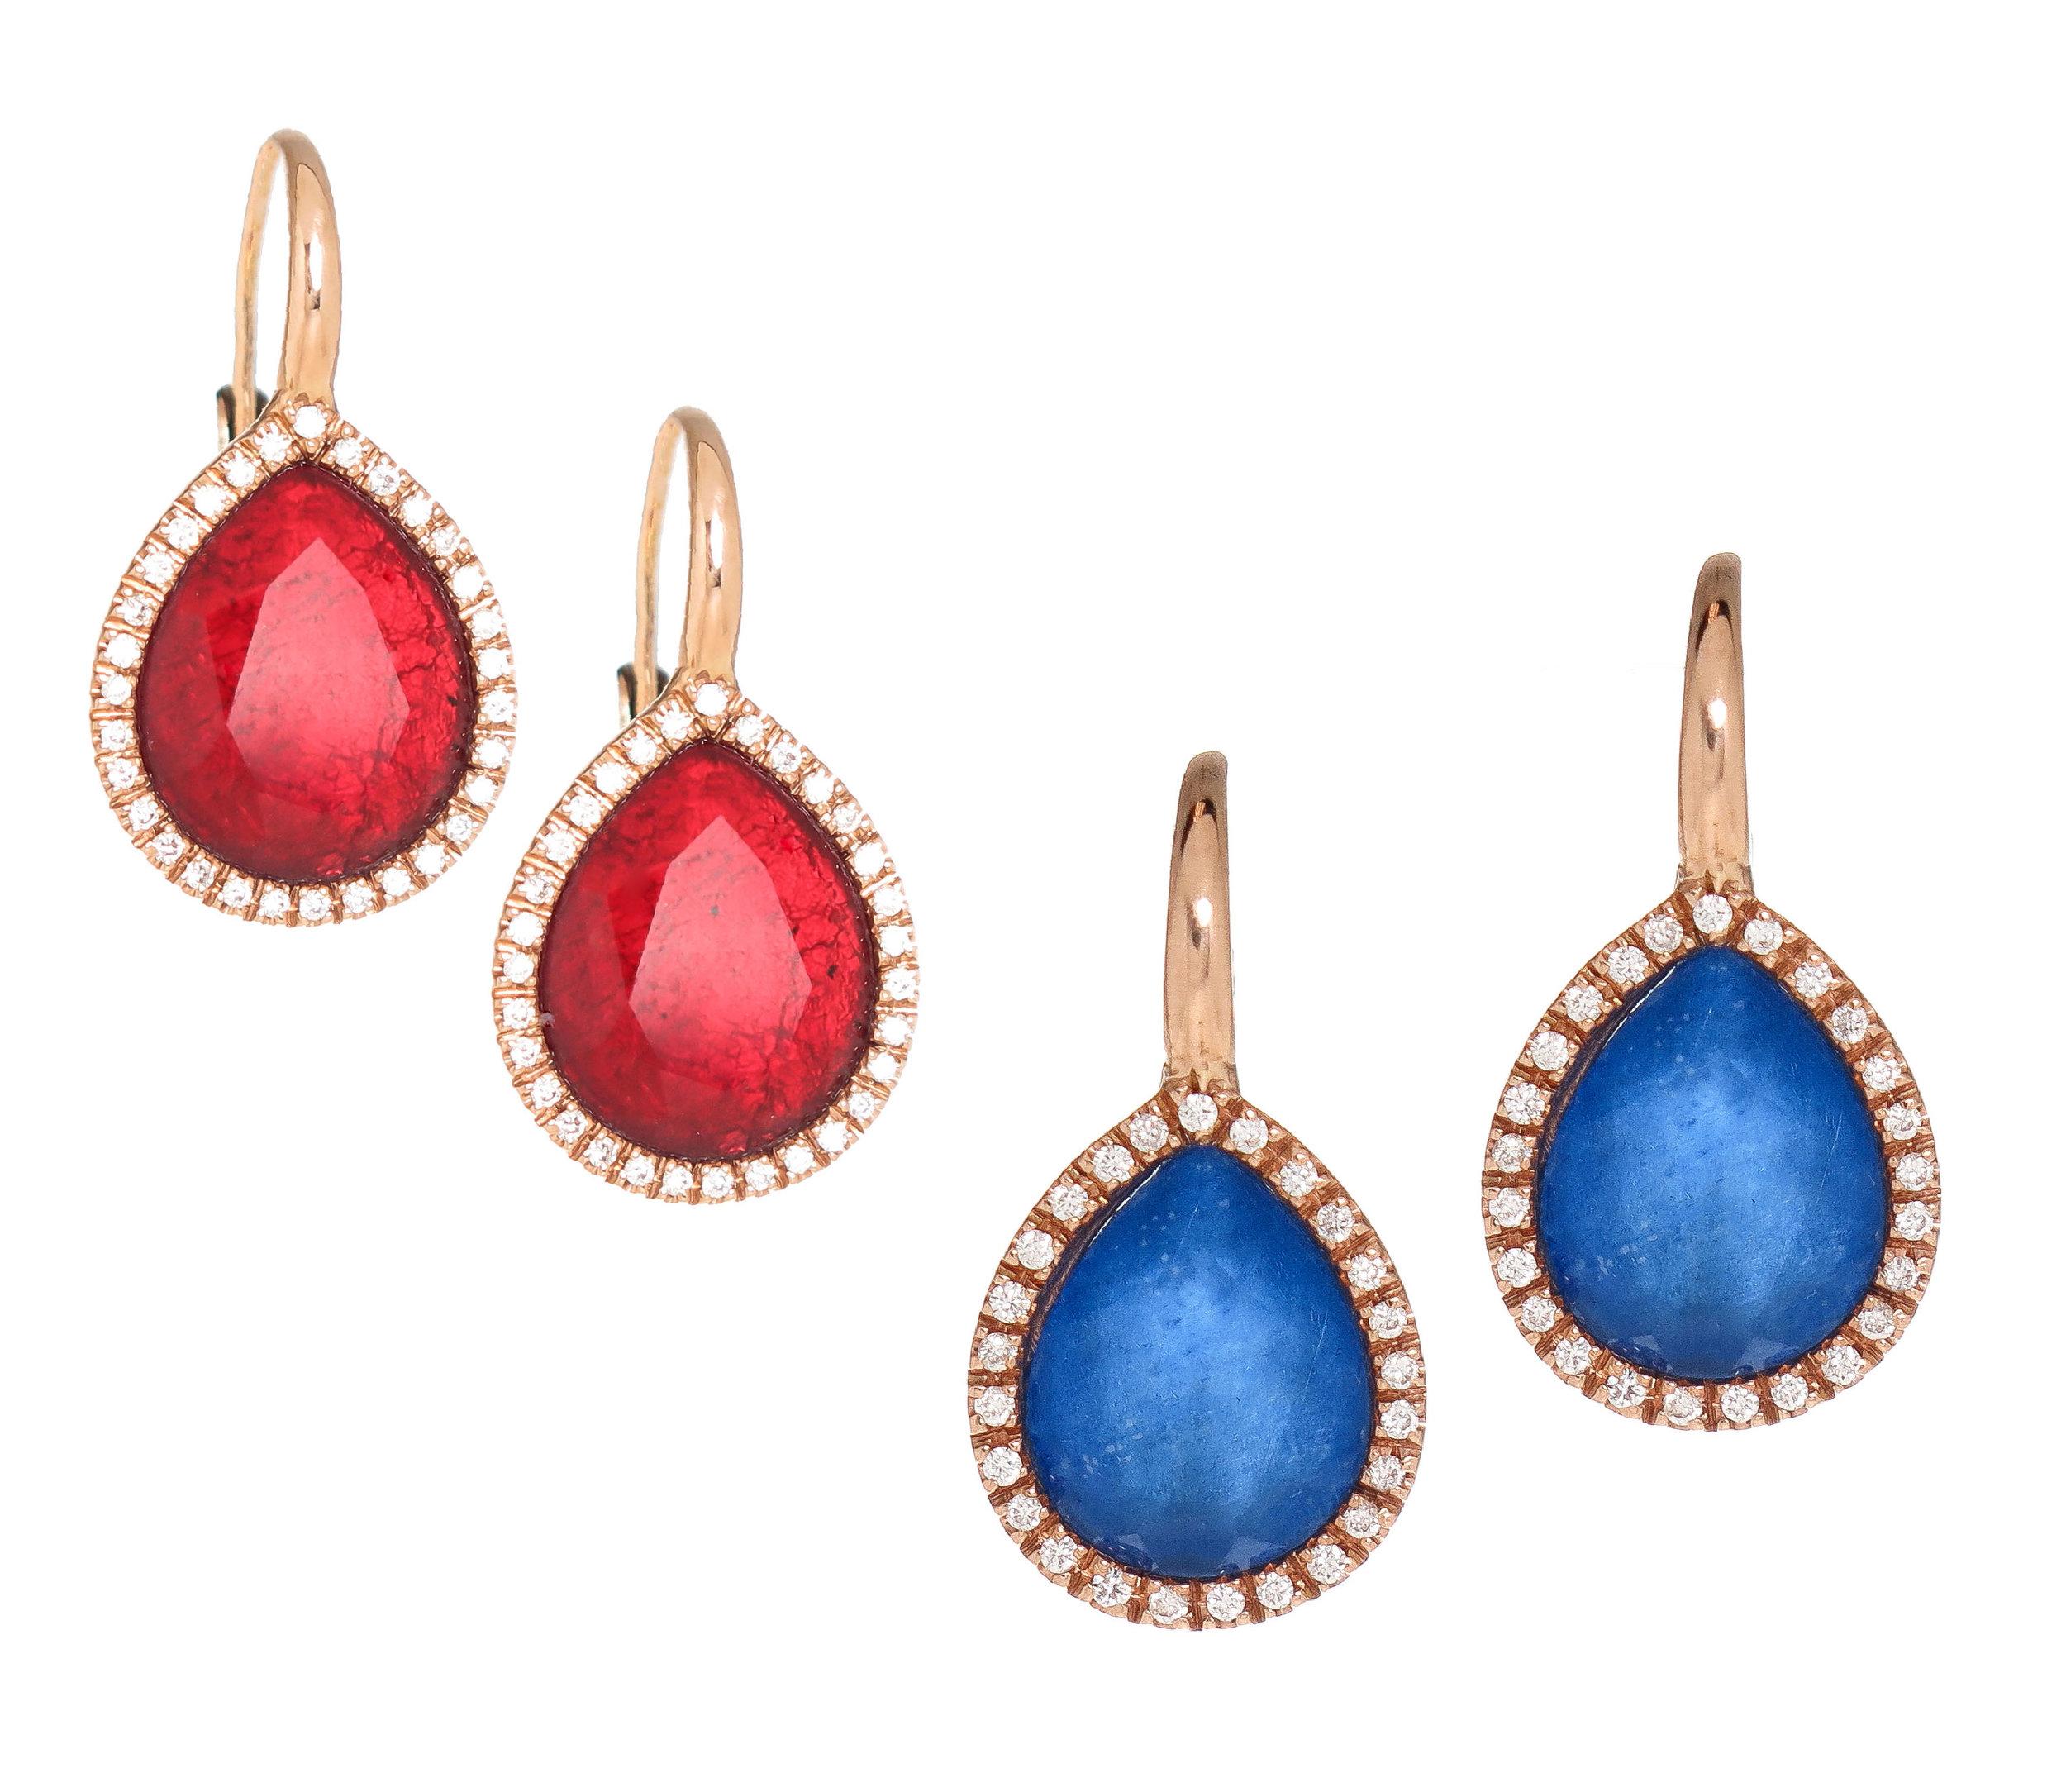 EH-more-earrings.jpg